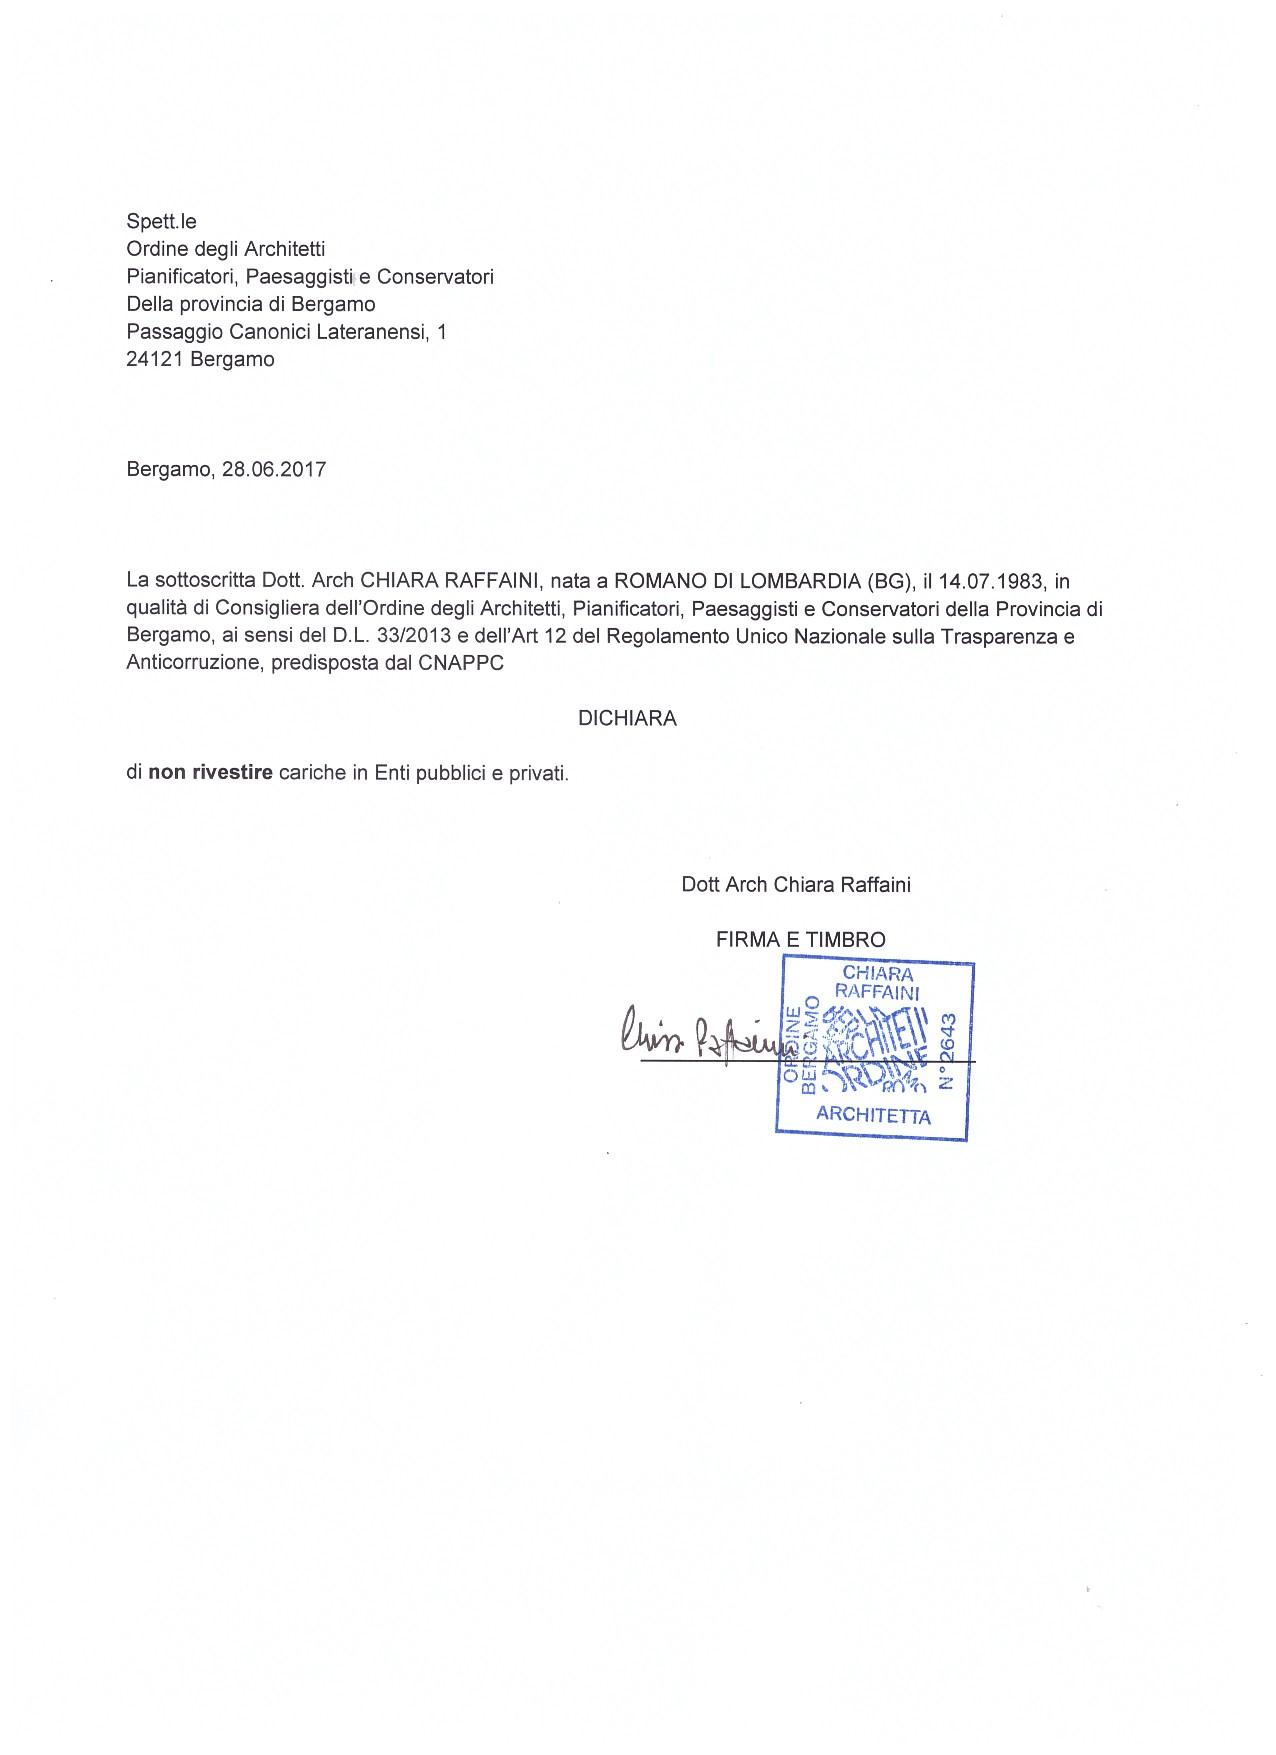 Architetti A Bergamo consiglio trasparente | ordine degli architetti